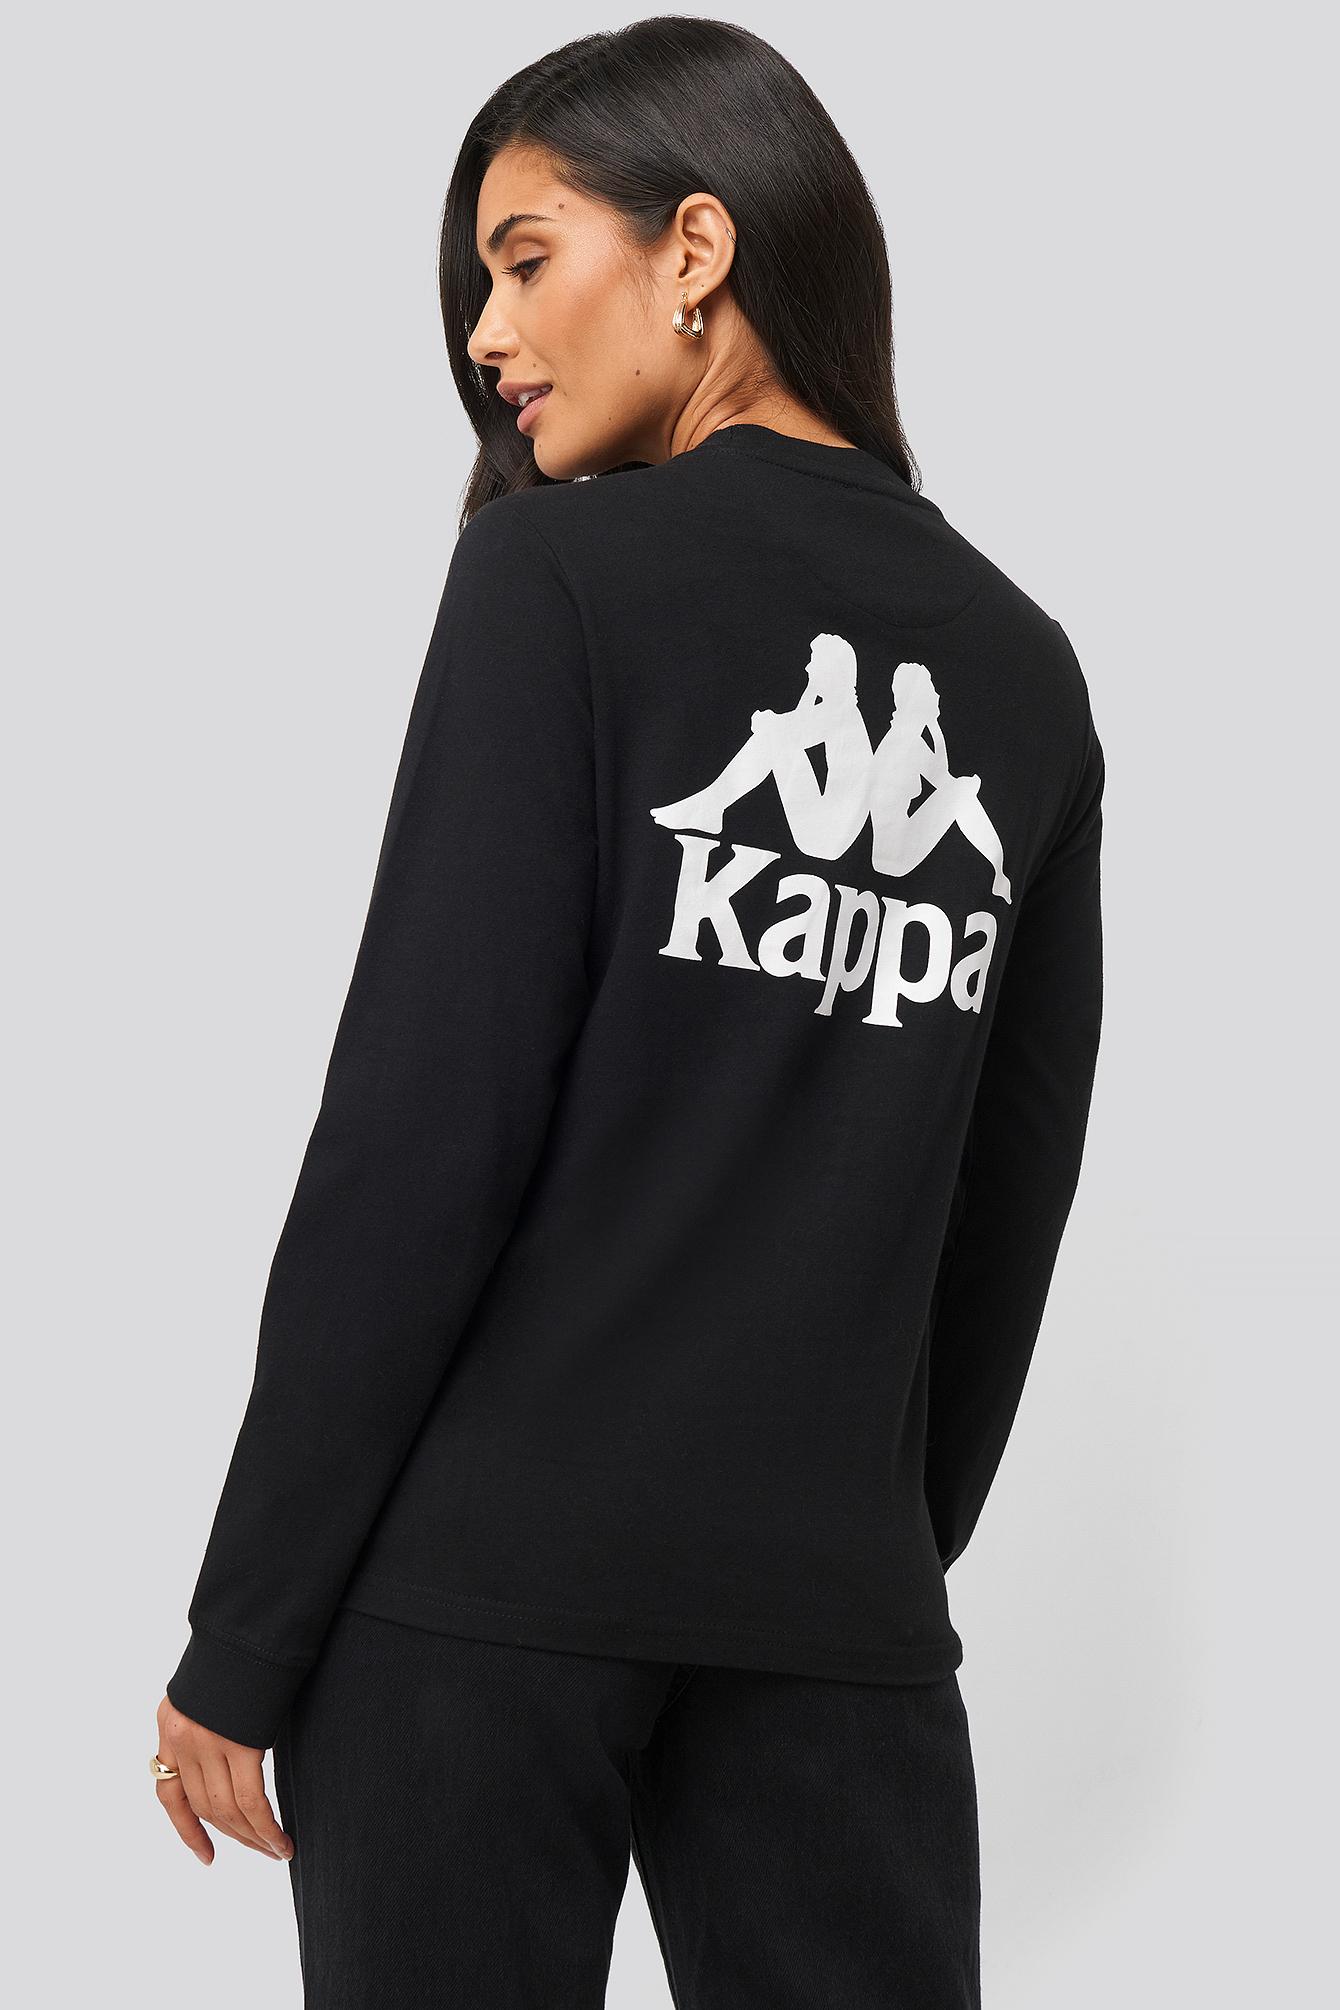 Kappa Tops Wincy Tee Black